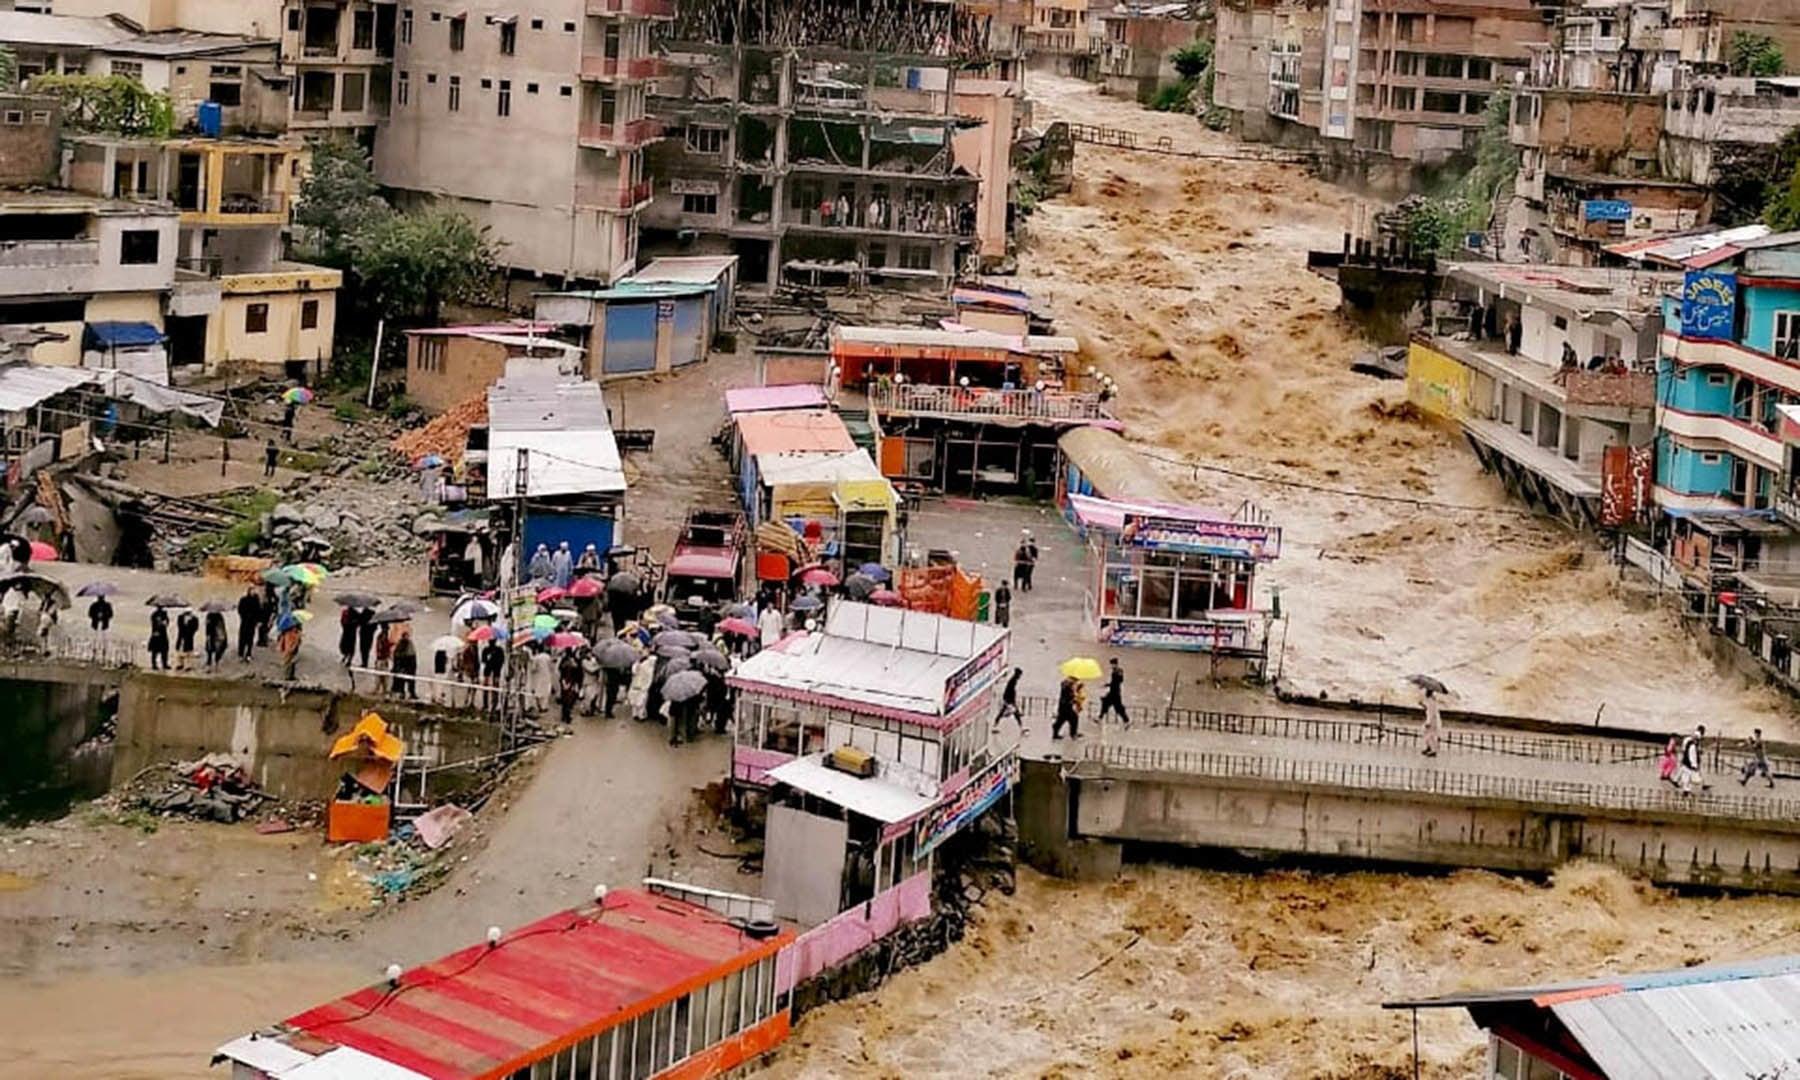 درال جھیل سے نکلنے والے پانی کا خوفناک منظر—فوٹو: رحیم صابر توروالی